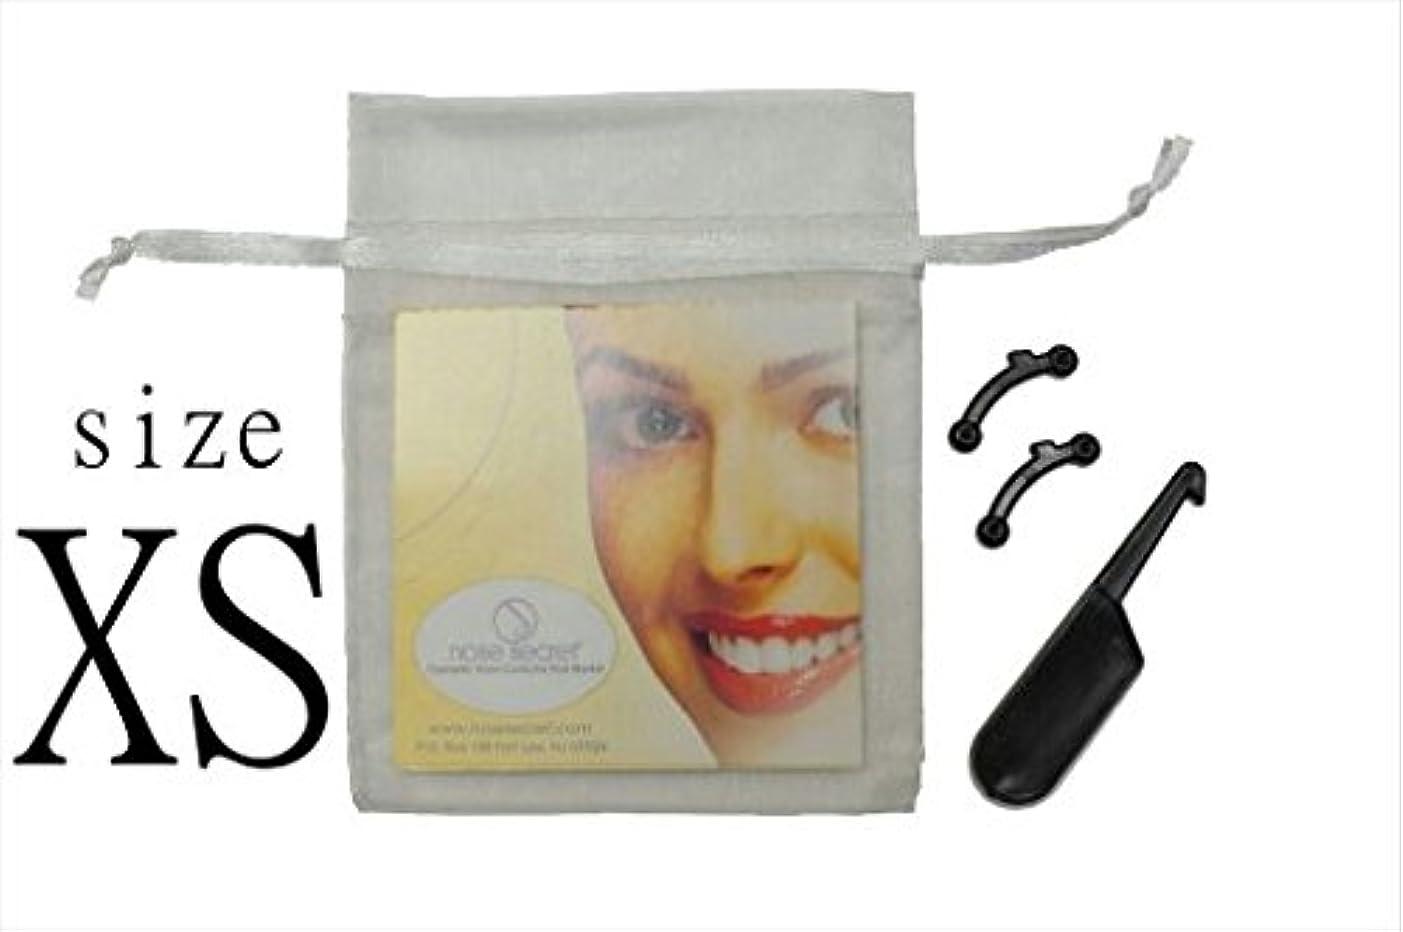 避けられないつば油日本語説明書付 鼻プチ! ノーズシークレット サイズ 「XS」 正規品 アメリカ製 NOSE SECRET 社製 鼻のアイプチ 手術不要で鼻が高くなる!